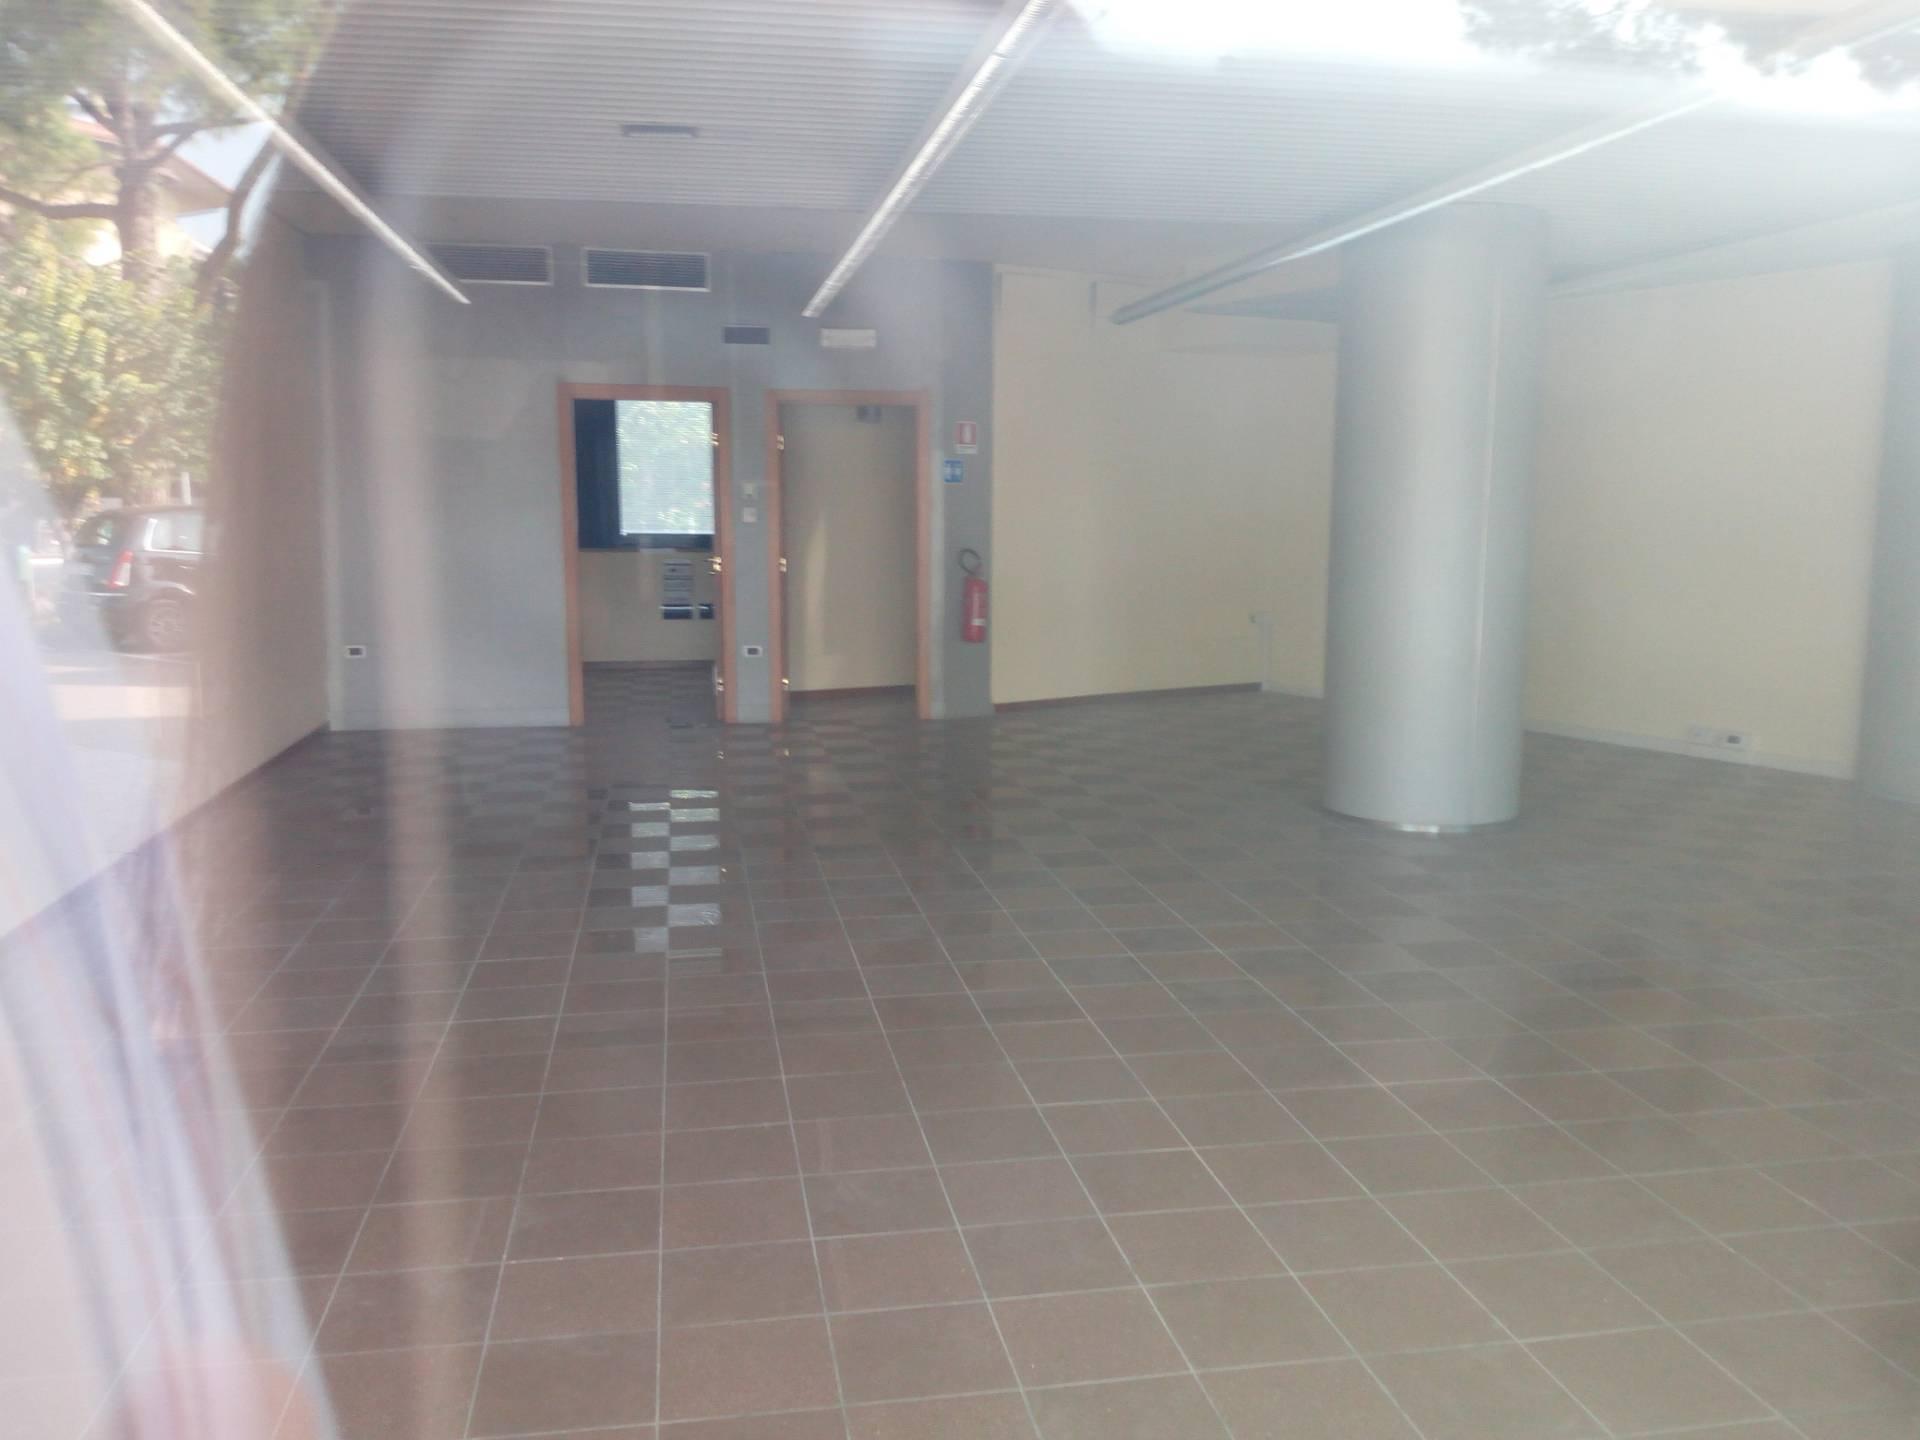 Negozio / Locale in affitto a Pesaro, 9999 locali, zona Zona: Tombaccia, prezzo € 1.400   CambioCasa.it